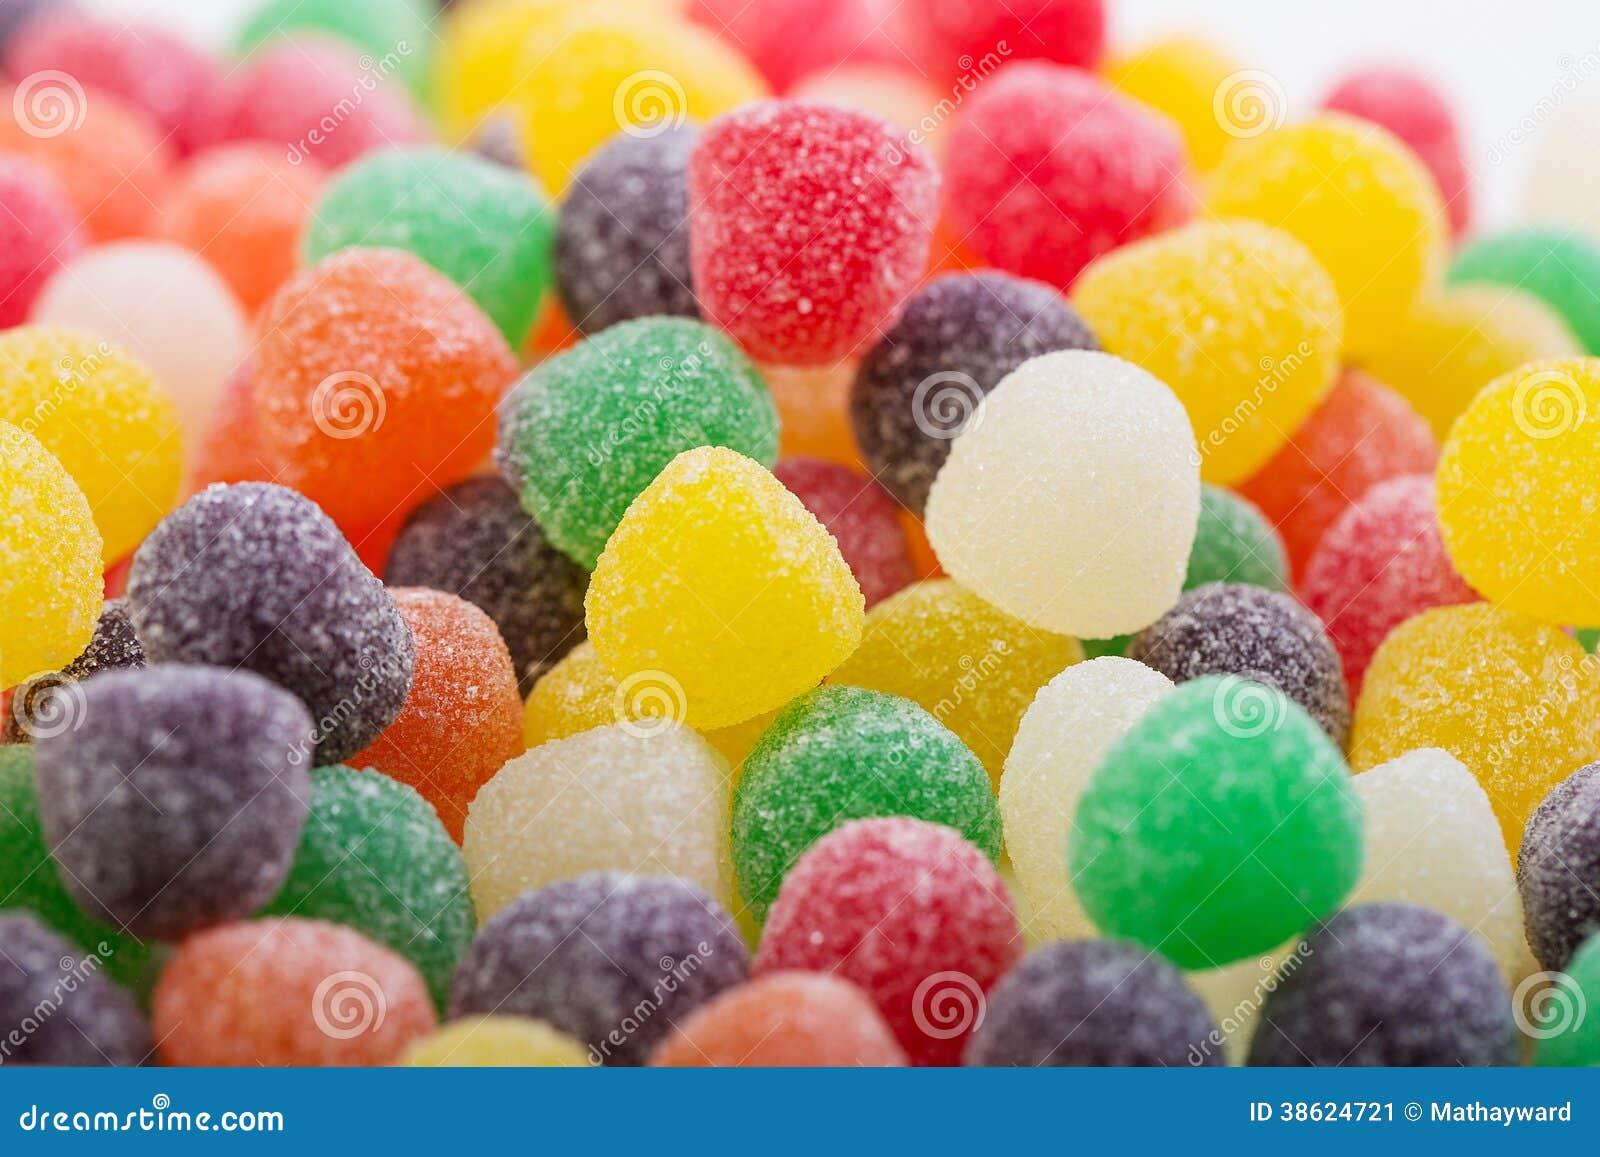 Boules de gomme image stock image 38624721 - Font des boules de gomme ...